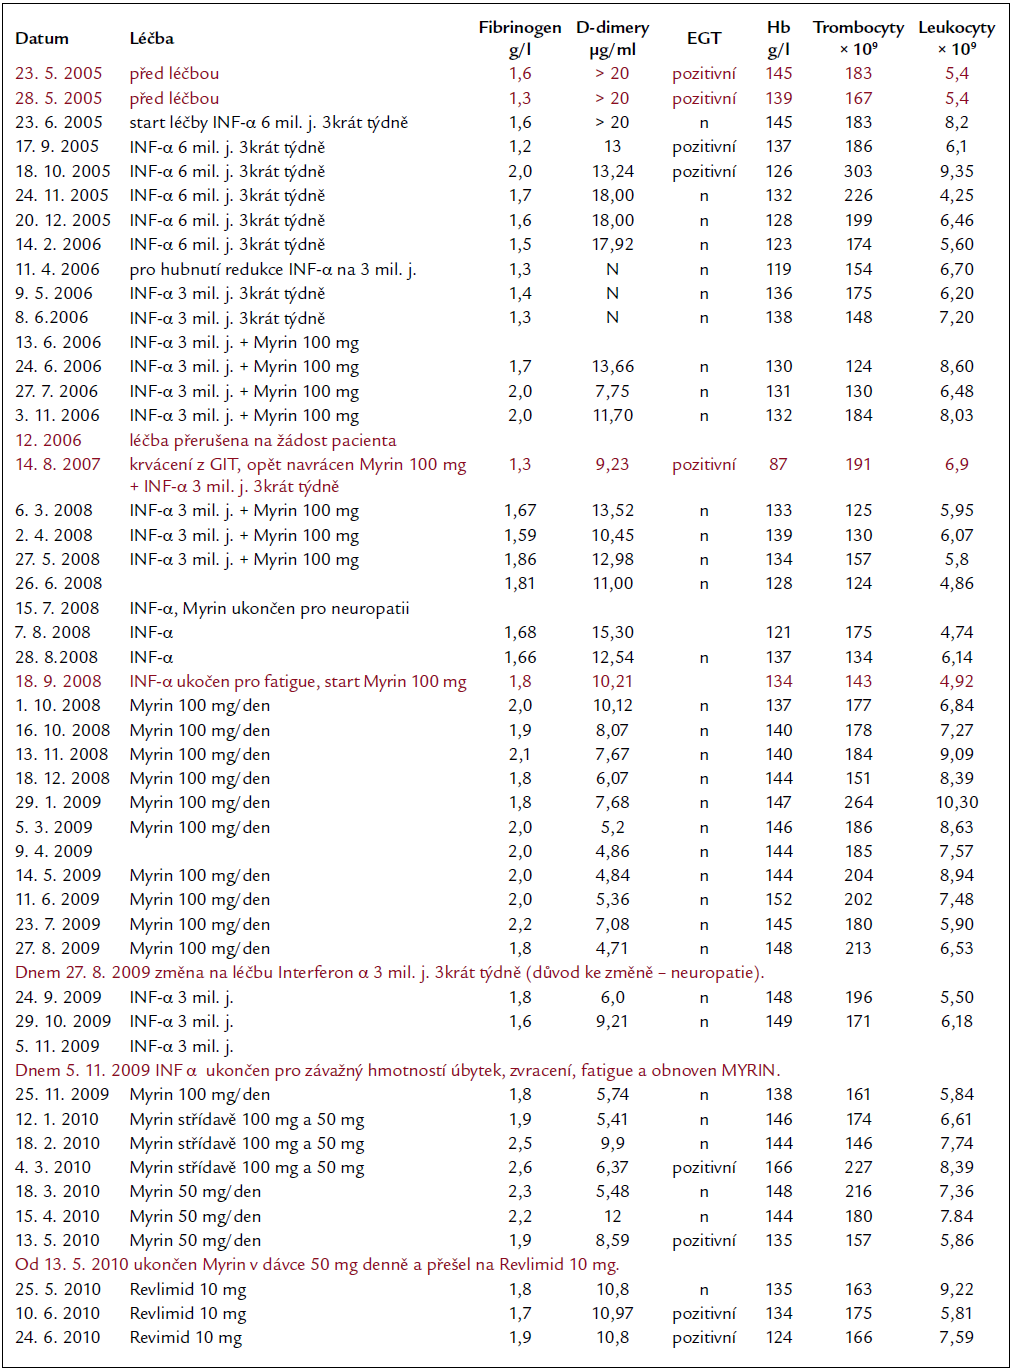 Hodnoty koagulačních parametrů a krevního obrazu před léčbou a v průběhu léčby.